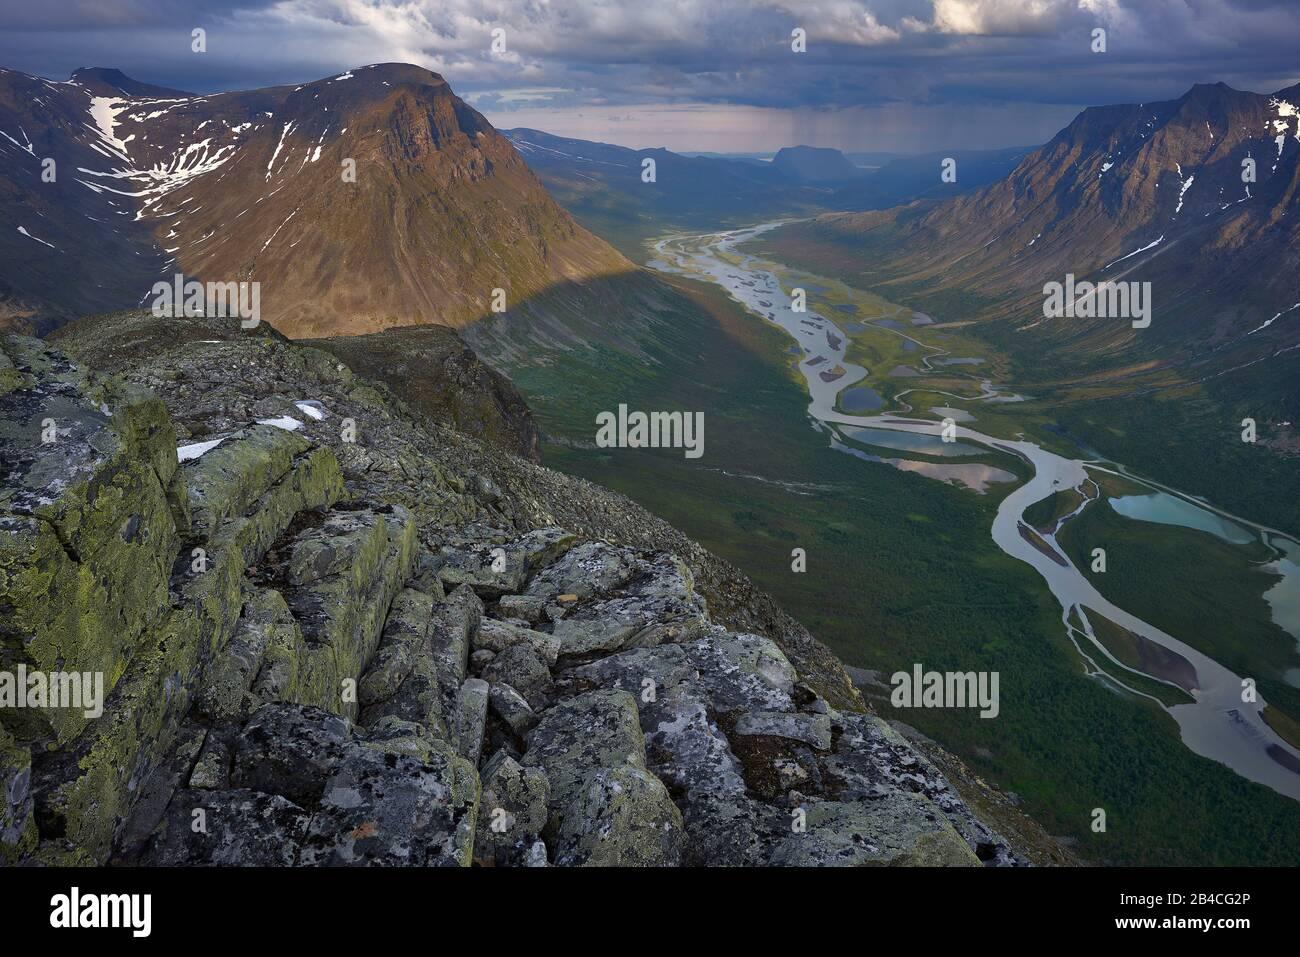 Sverige, Lappland, Sarek nationalpark, Rapaätno Fluss zum Berg Biellorieppe und Skoarki Stockfoto